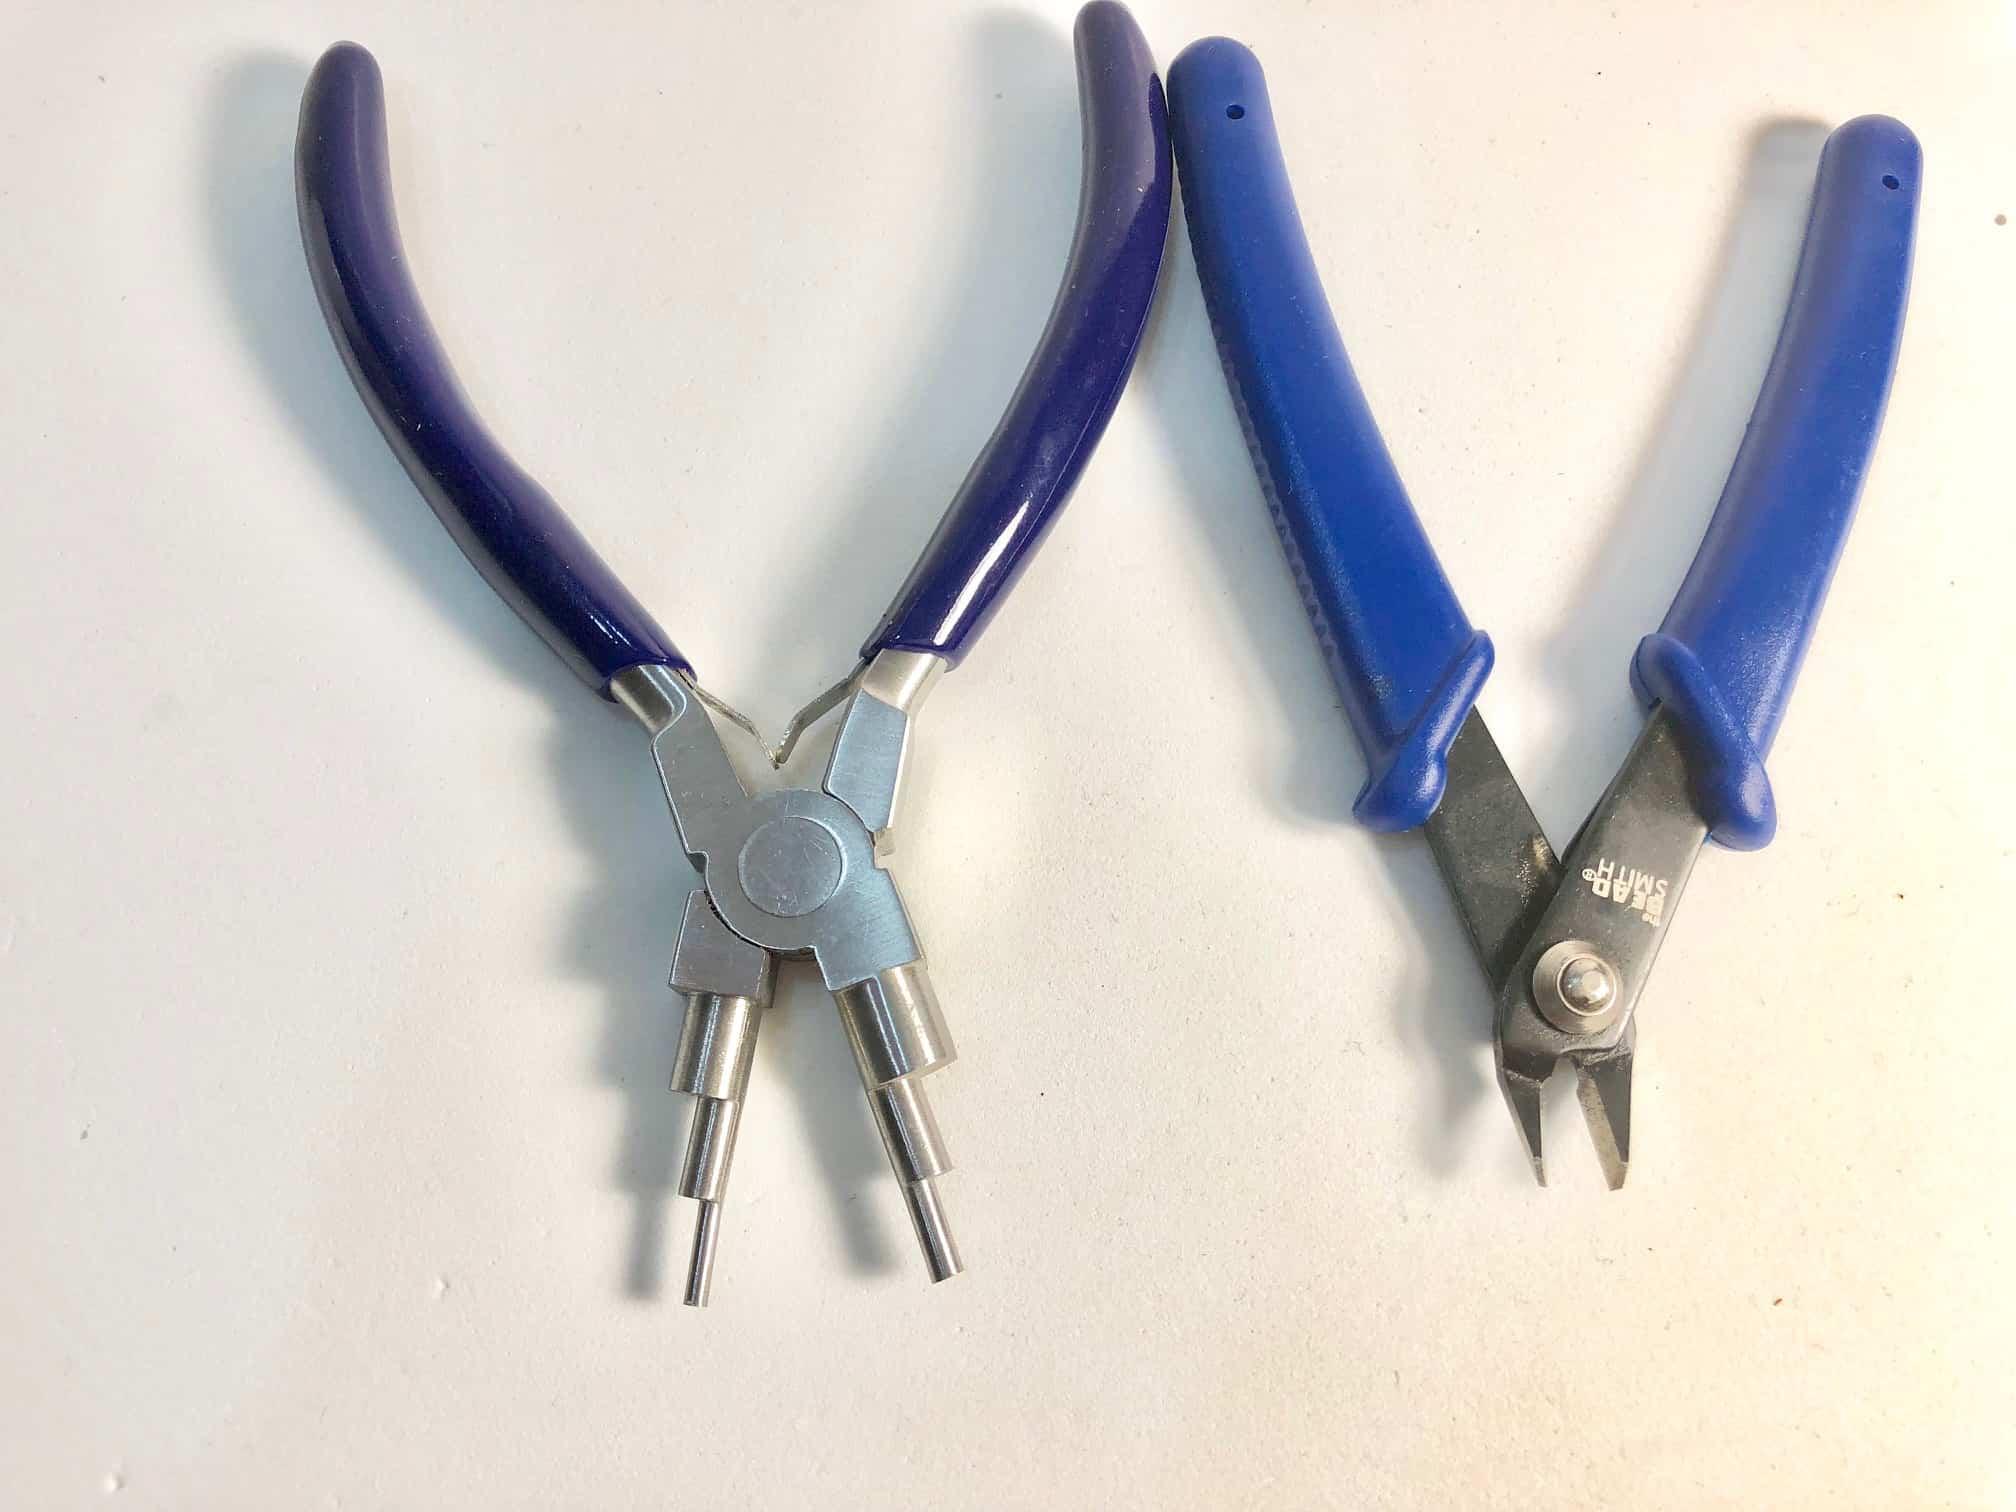 Herramientas auxiliares (mandril para argollas y alicate de corte)